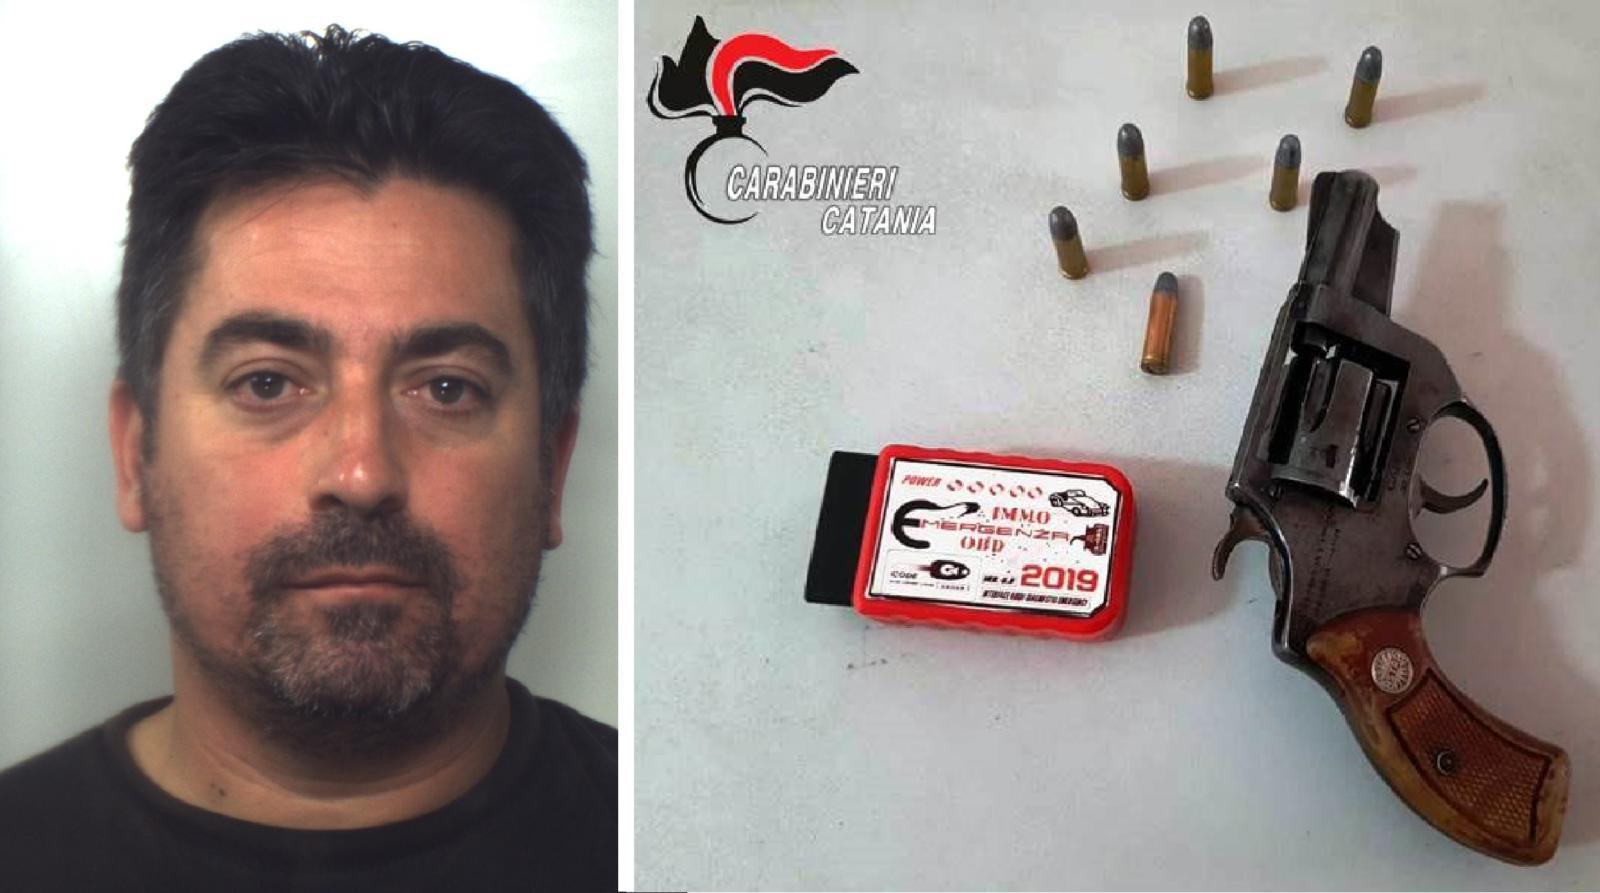 Acireale, 43enne in manette: nell'officina una pistola e un 'silenziatore' per ladri d'auto